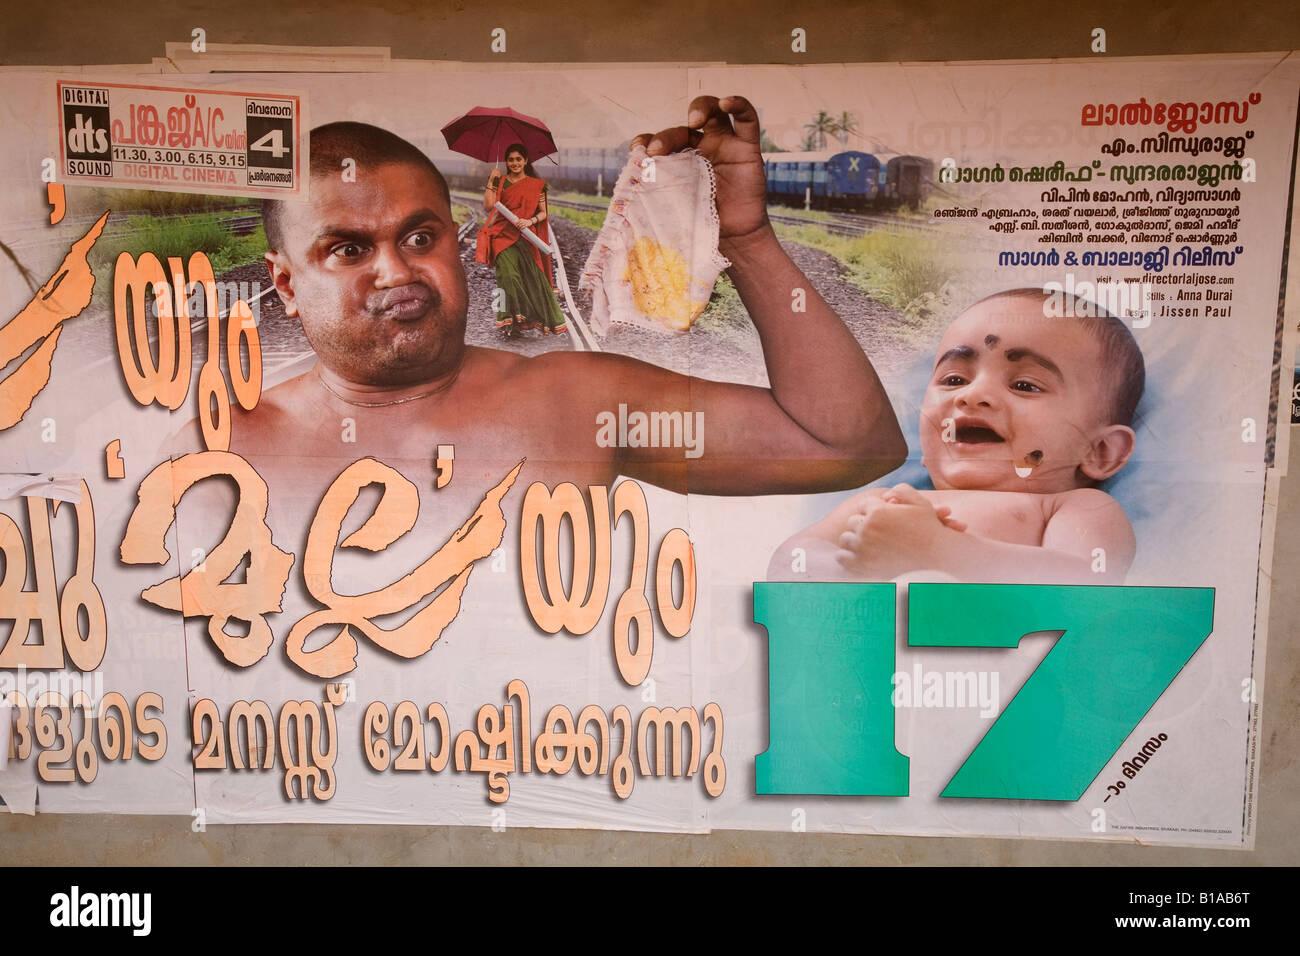 Familienleben auf Malayalam Filmposter in Kerala, Indien vertreten. Ein Mann, eine Windel zu ändern ist nicht Stockbild